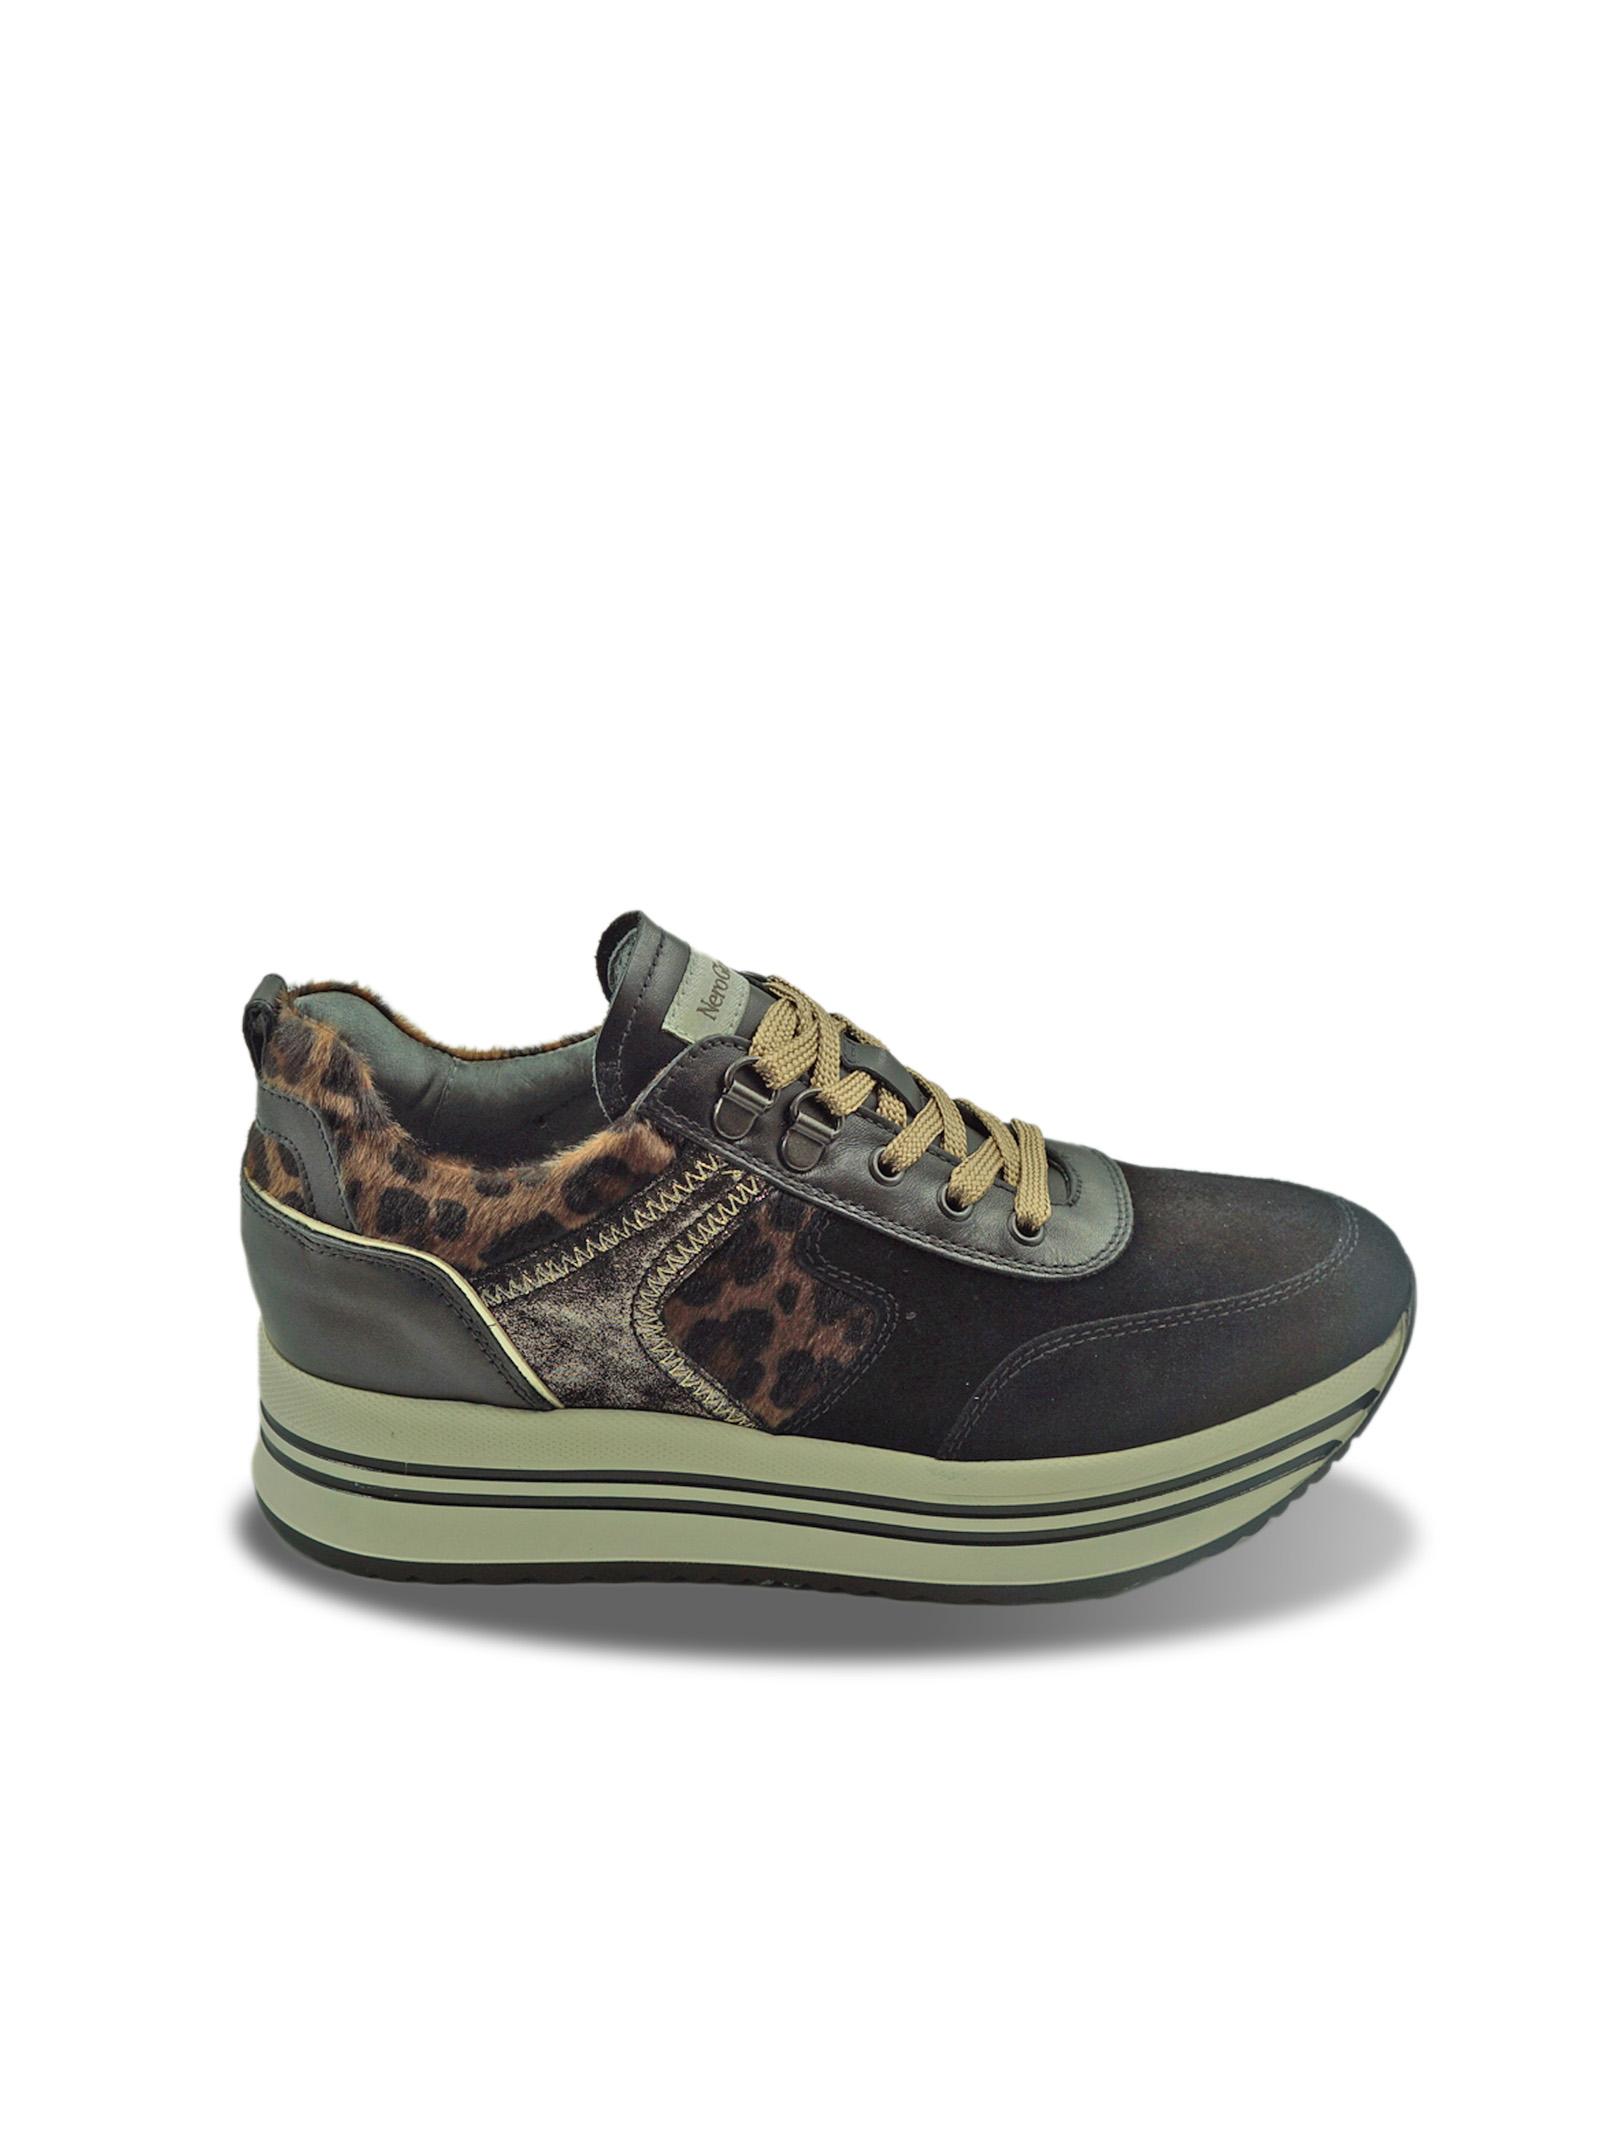 Sneakers Donna Animalier in Pelle Nero Giardini | Sneakers | I013290DNERO